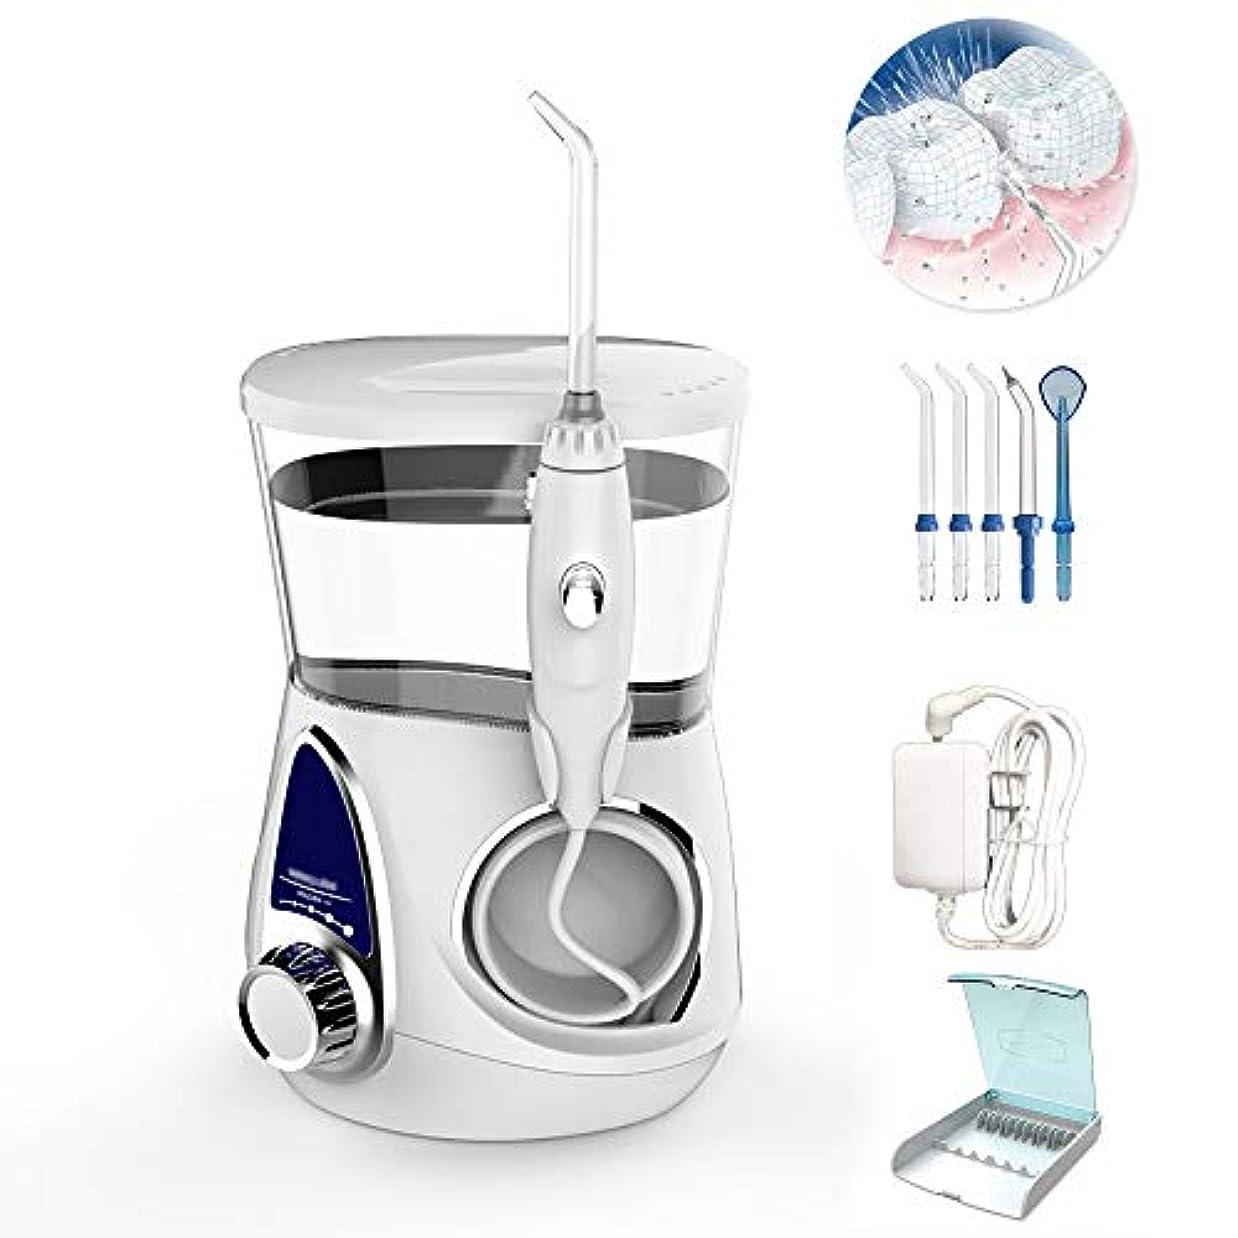 粘性の熟読するより良い口腔洗浄器フロスウォータージェット、歯用電動フロッサ、3つの標準ノズル+ 1つの歯周ポケットノズル+ 1つの舌スクレーパー+ 1つのノズル収納ボックス、100-240V、700Ml,White-B